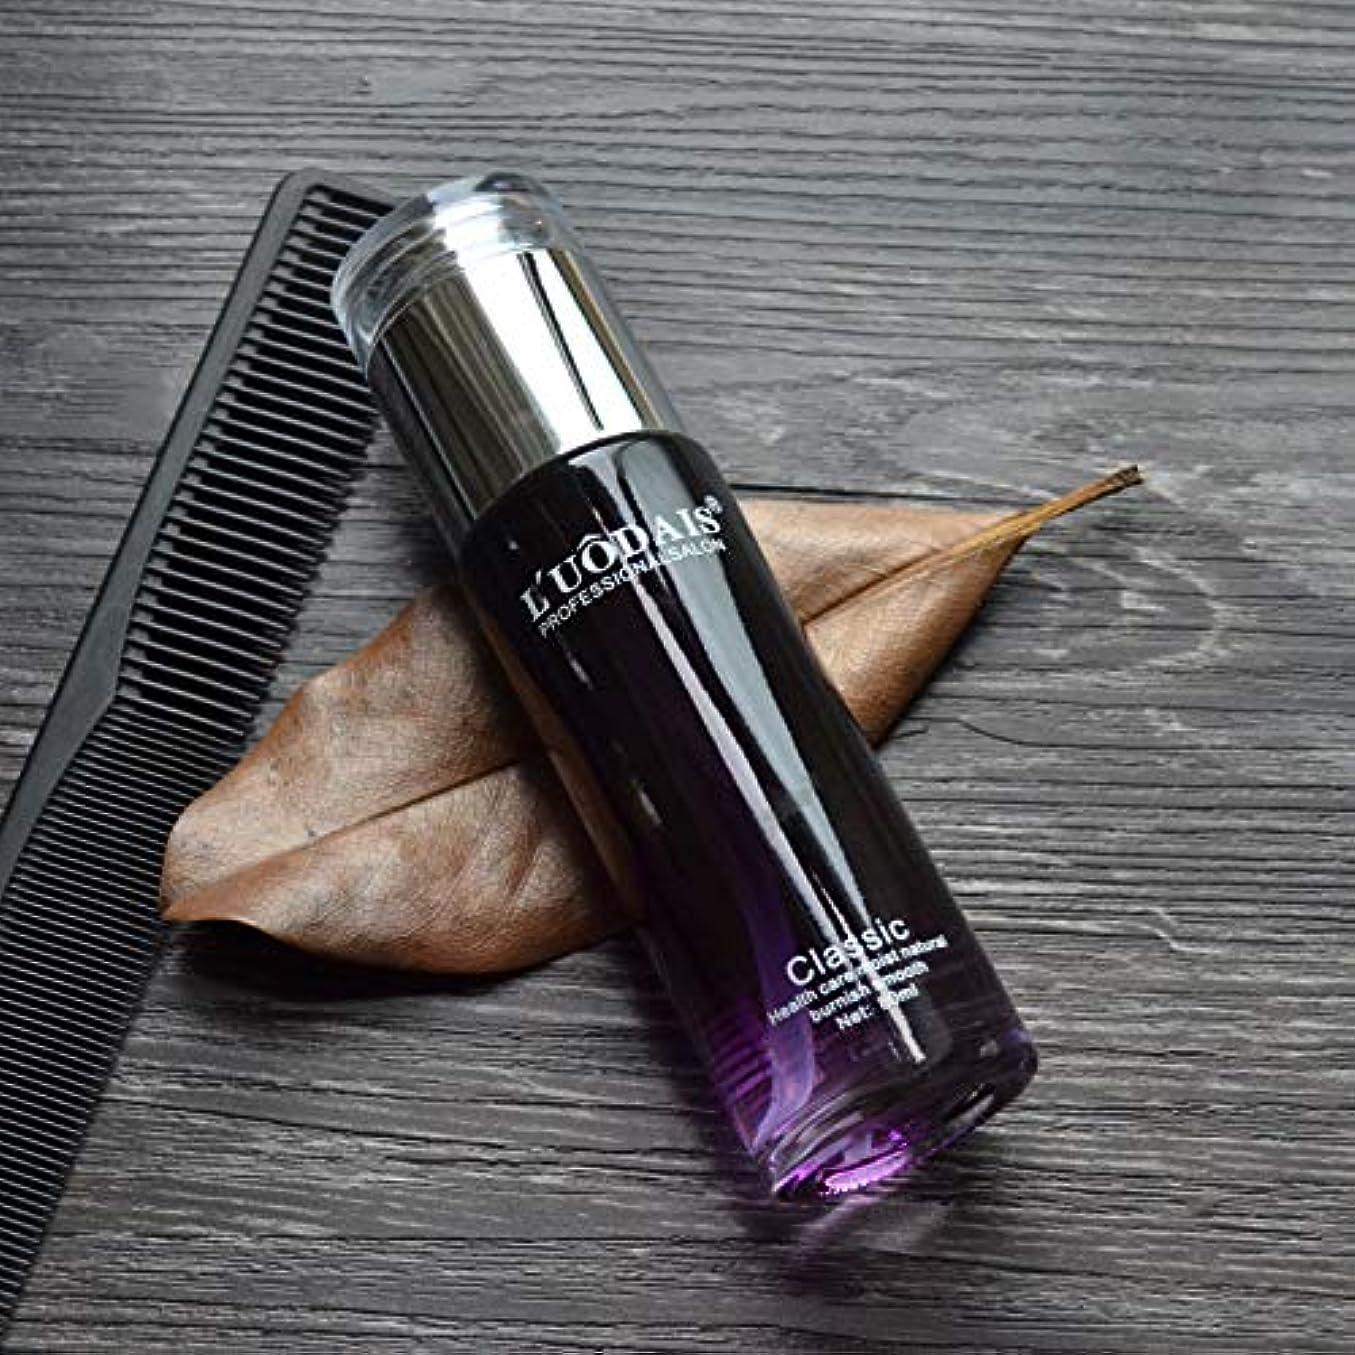 簡単に拮抗悪因子Symboat 香水ヘアケアエッセンスオイル 保湿 ドライダメージヘアトリートメントオイル ヘアケア修復保護 天然オイル